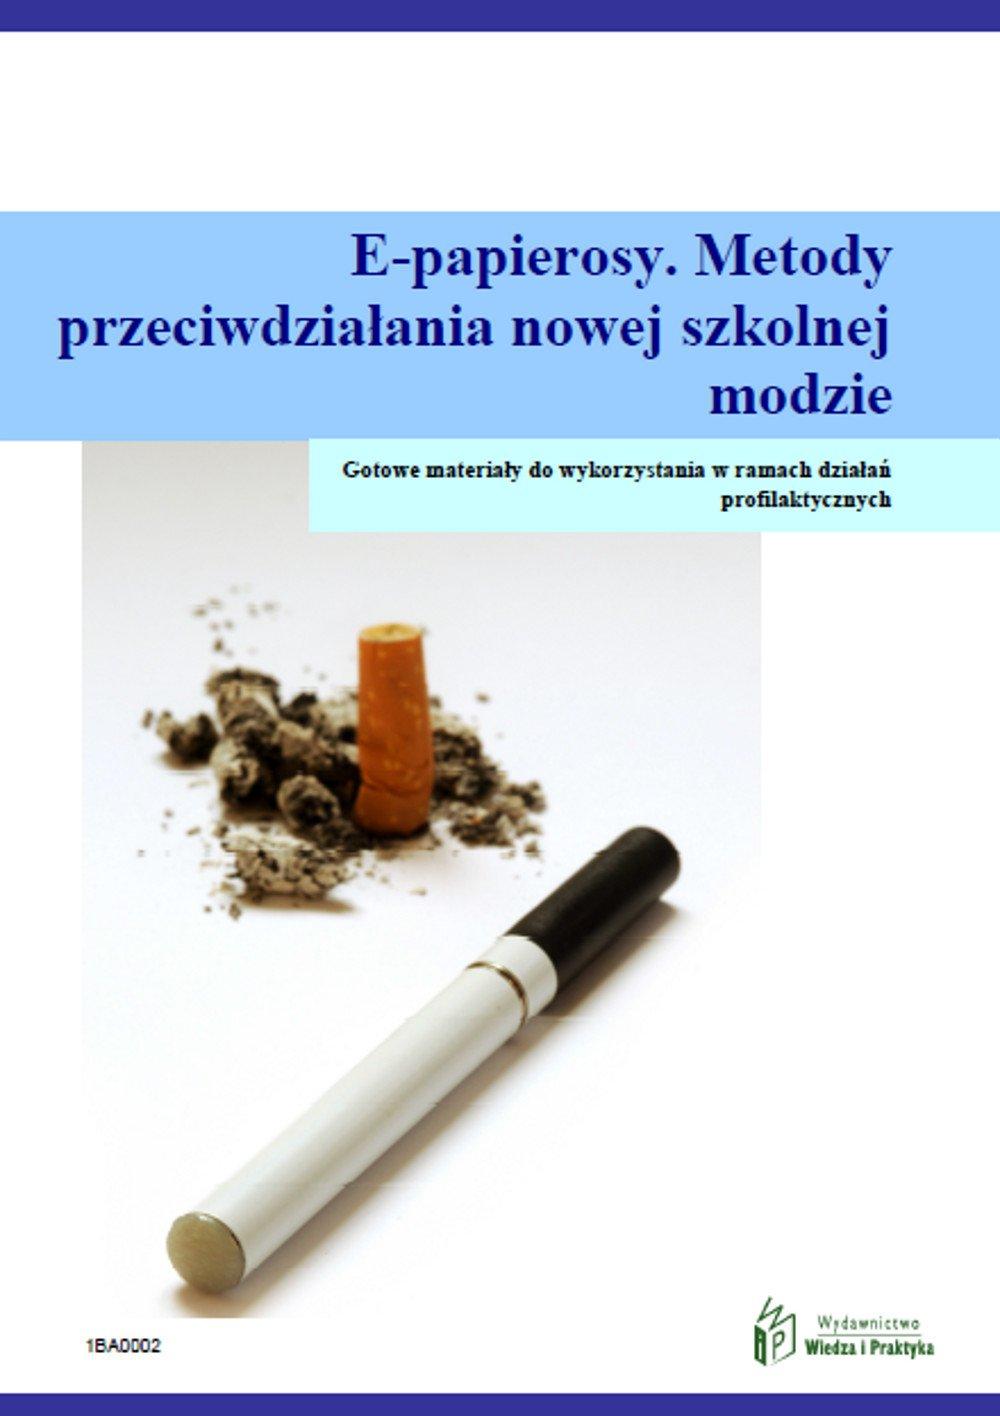 E-papierosy. Metody przeciwdziałania nowej szkolnej modzie - Ebook (Książka PDF) do pobrania w formacie PDF